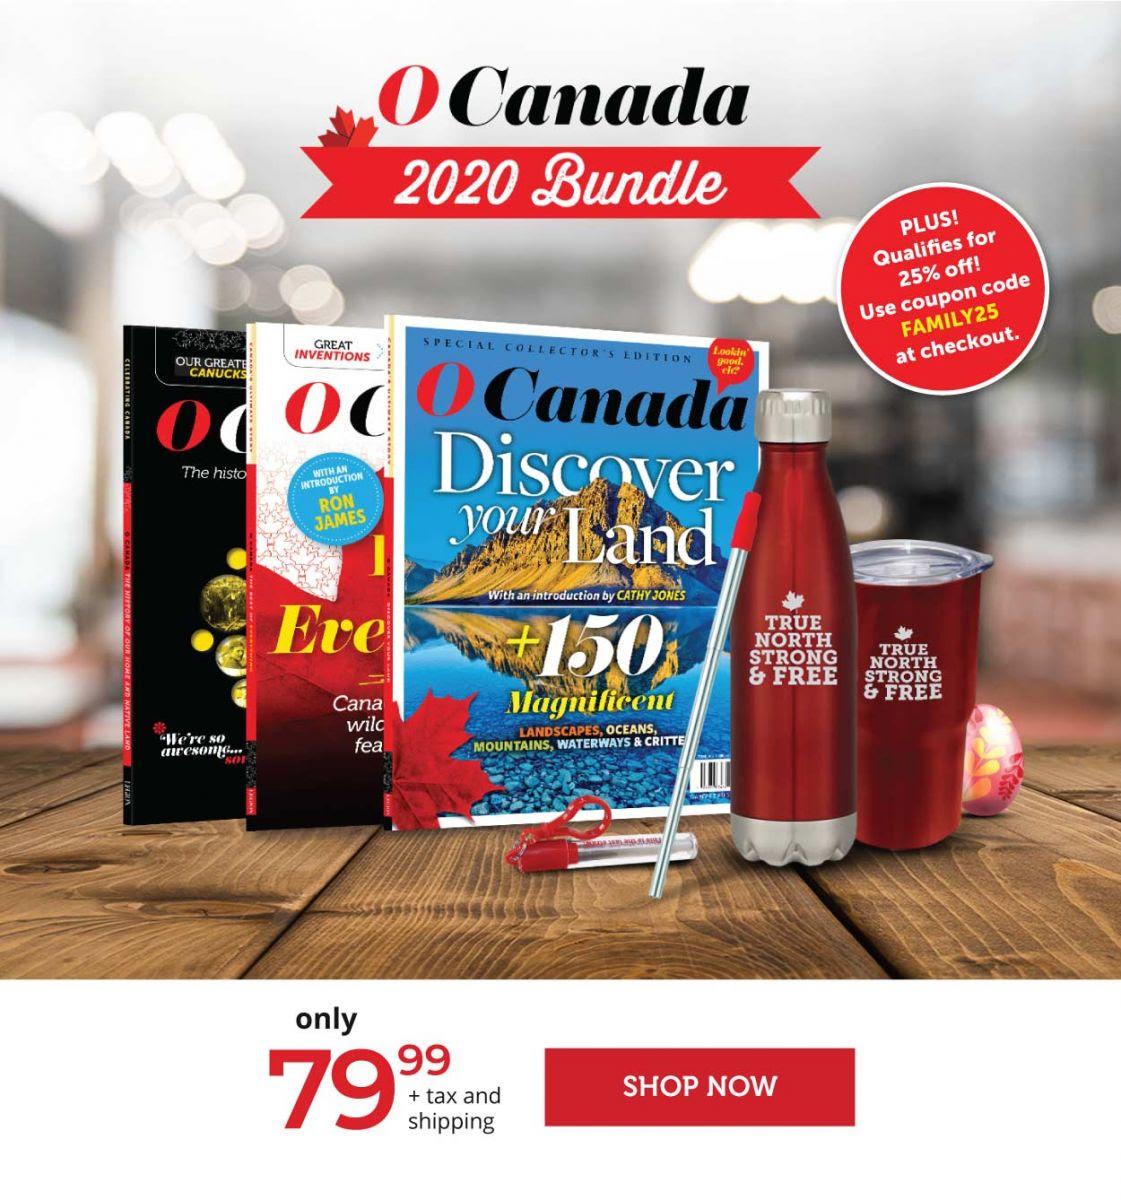 2020 O Canada Bundle